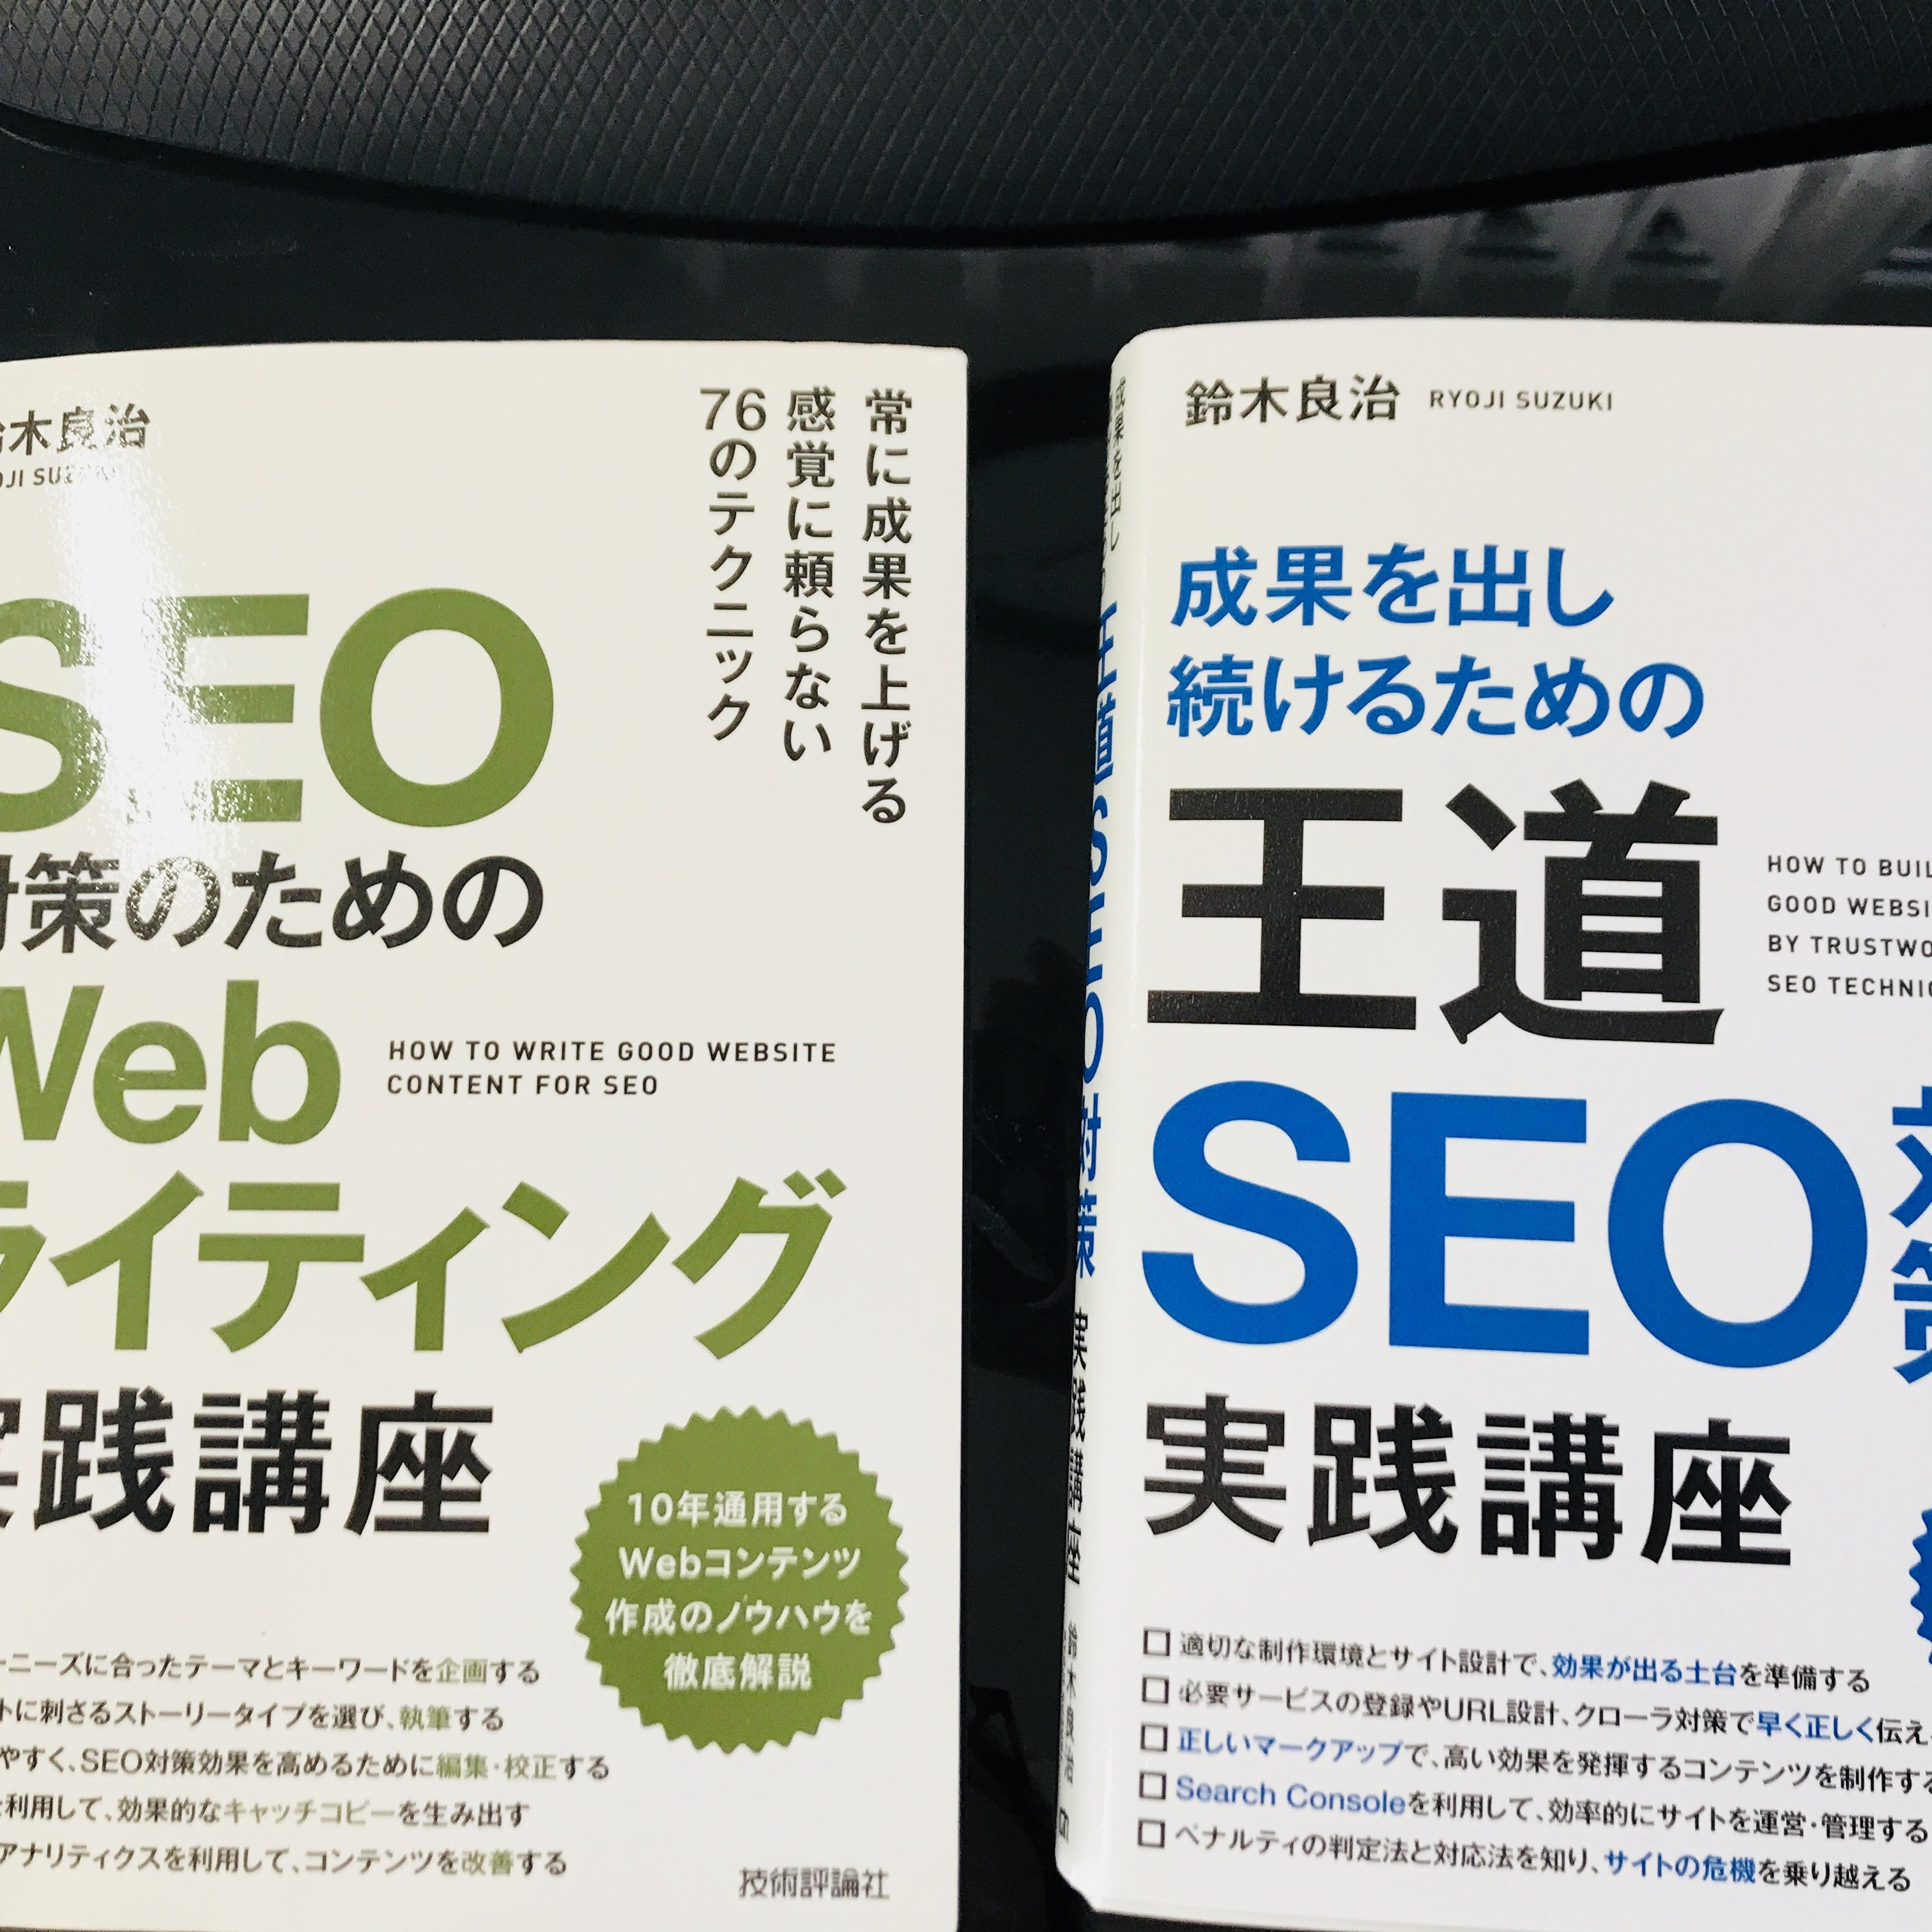 SEO関連の書籍